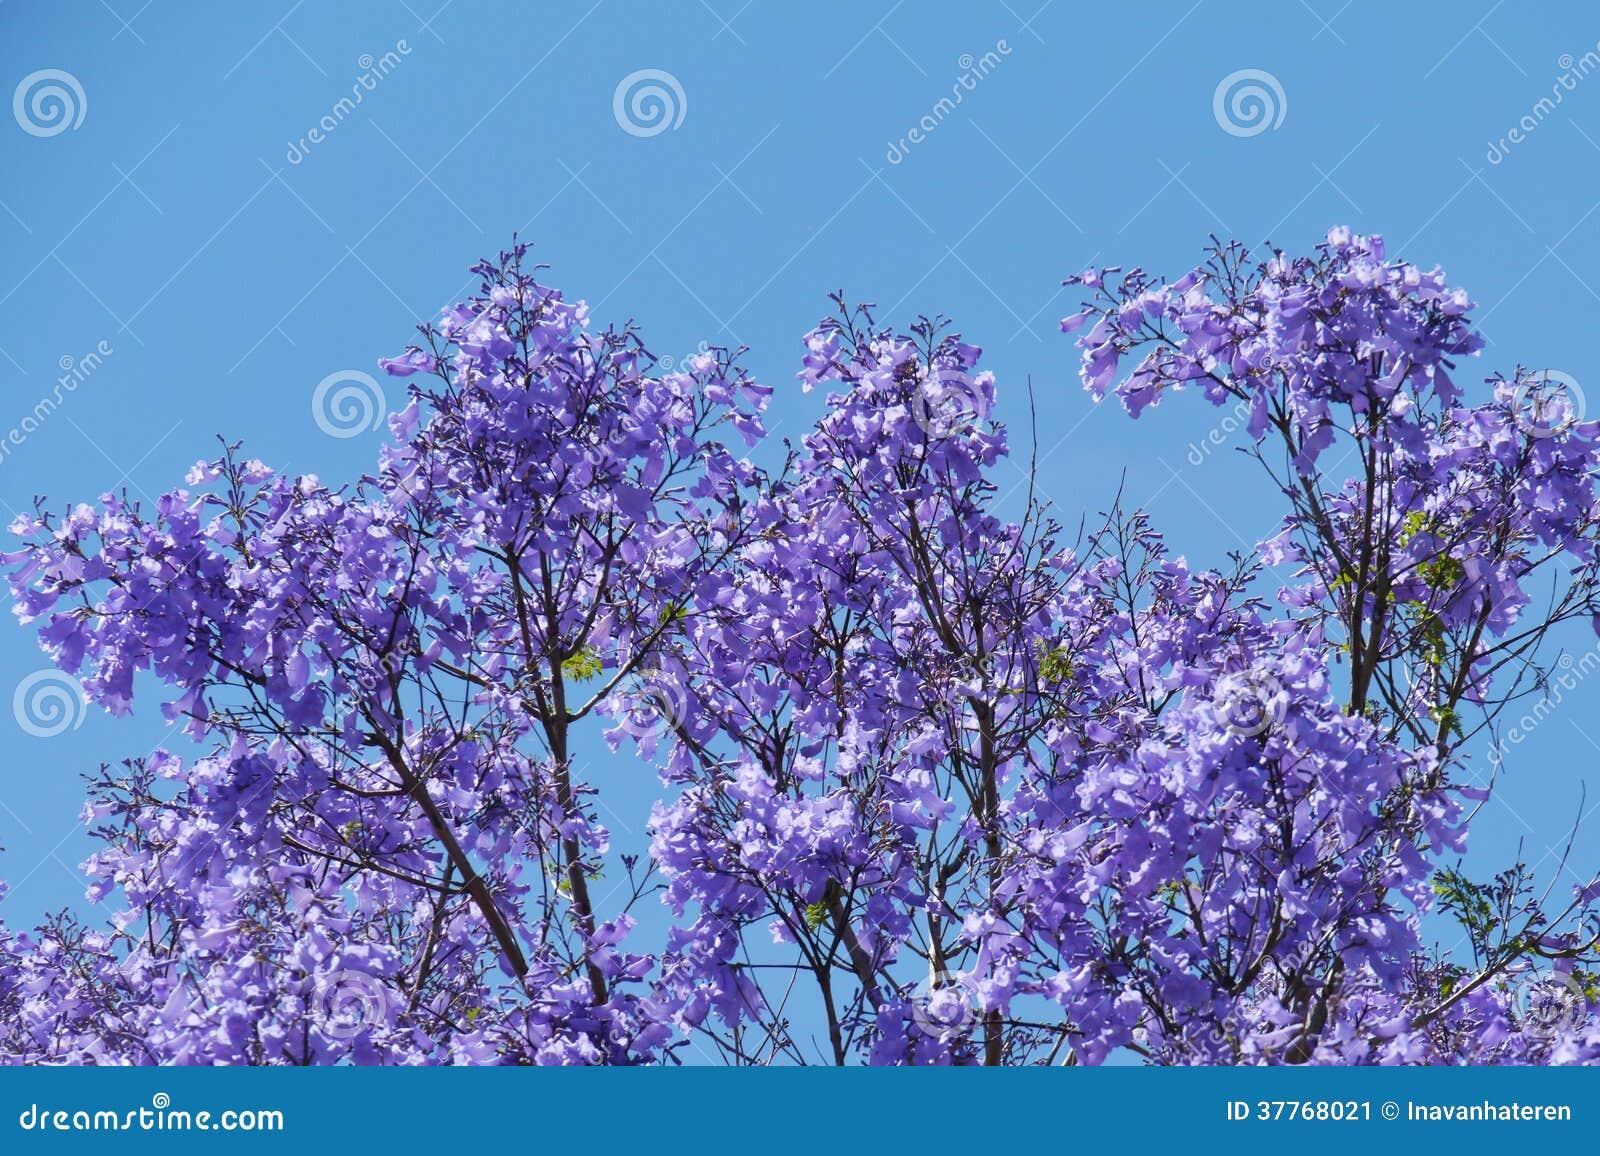 arbre de violet jacaranda vis-à-vis d'un ciel bleu image stock